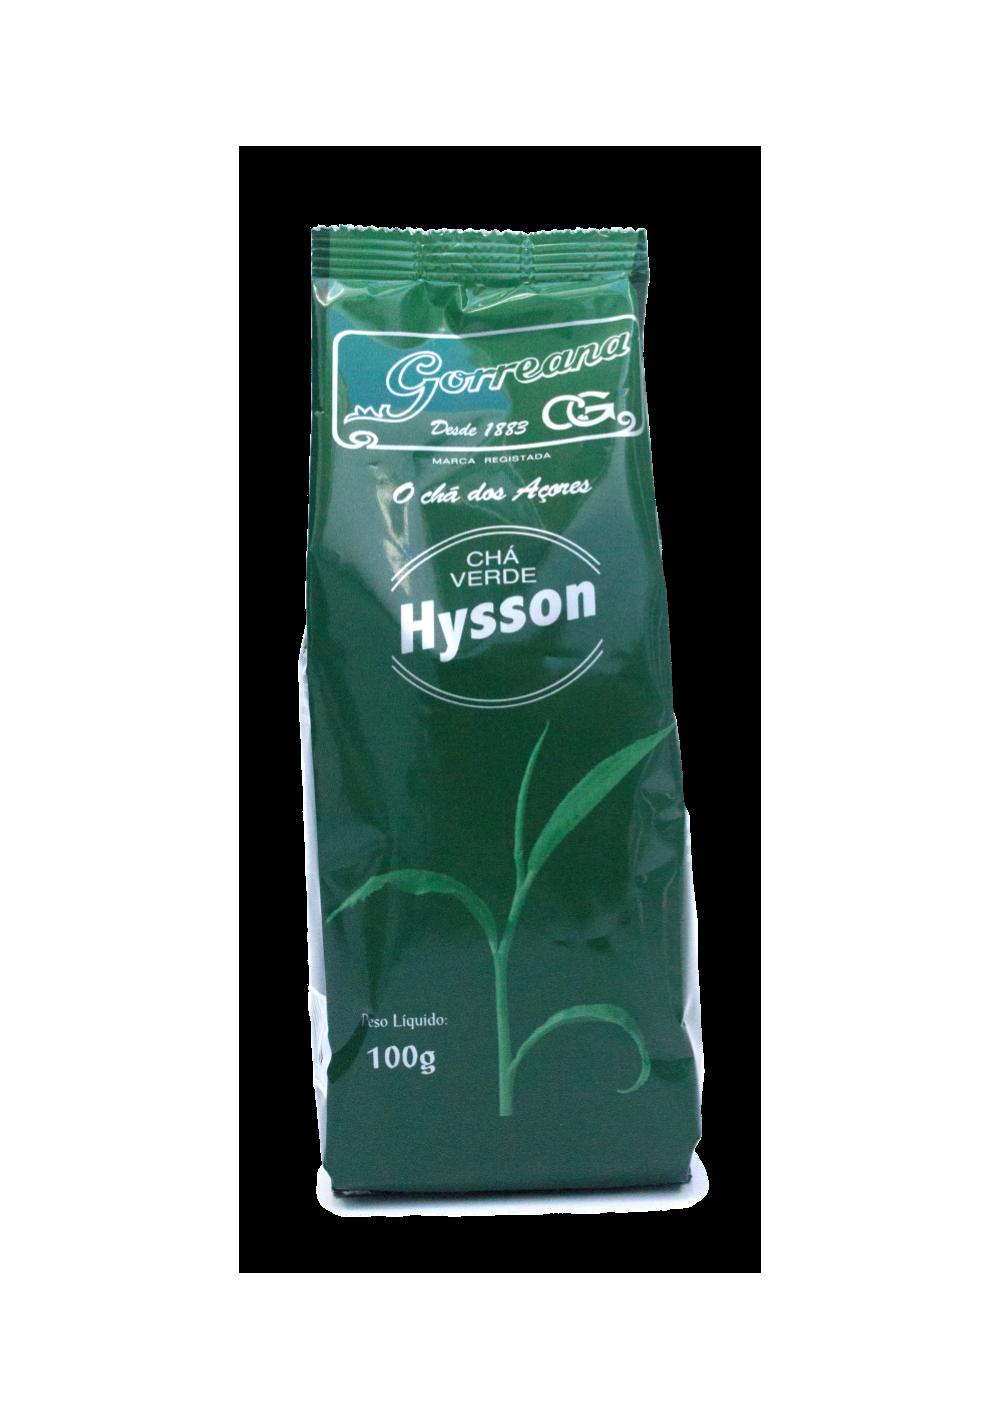 Chá Verde Hysson (folha solta)